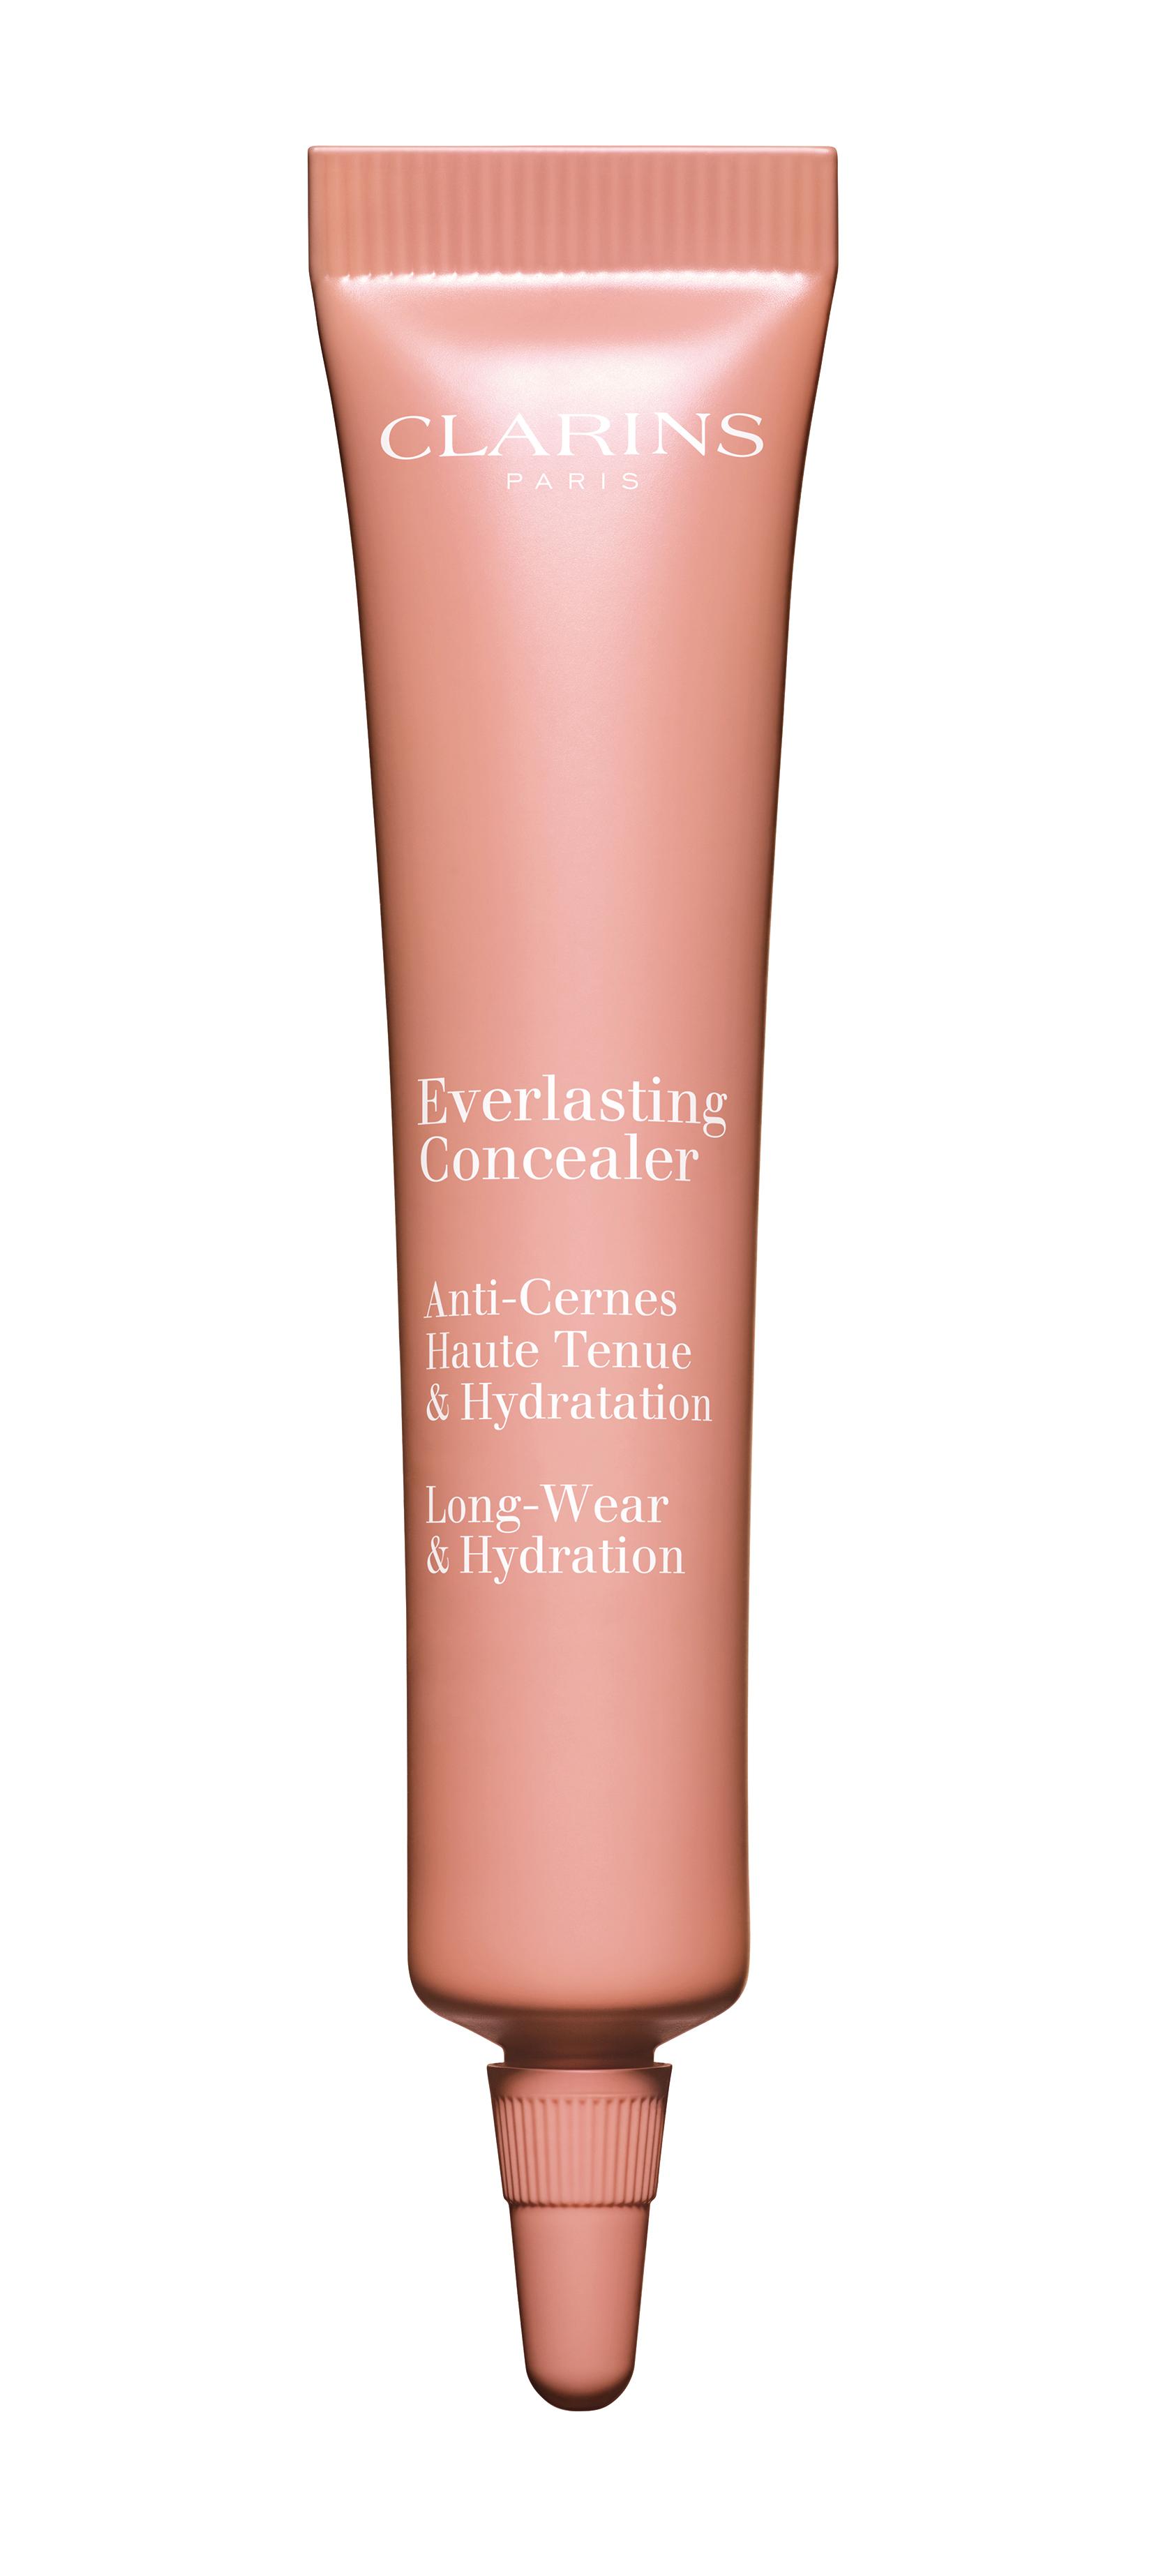 Everlasting Concealer